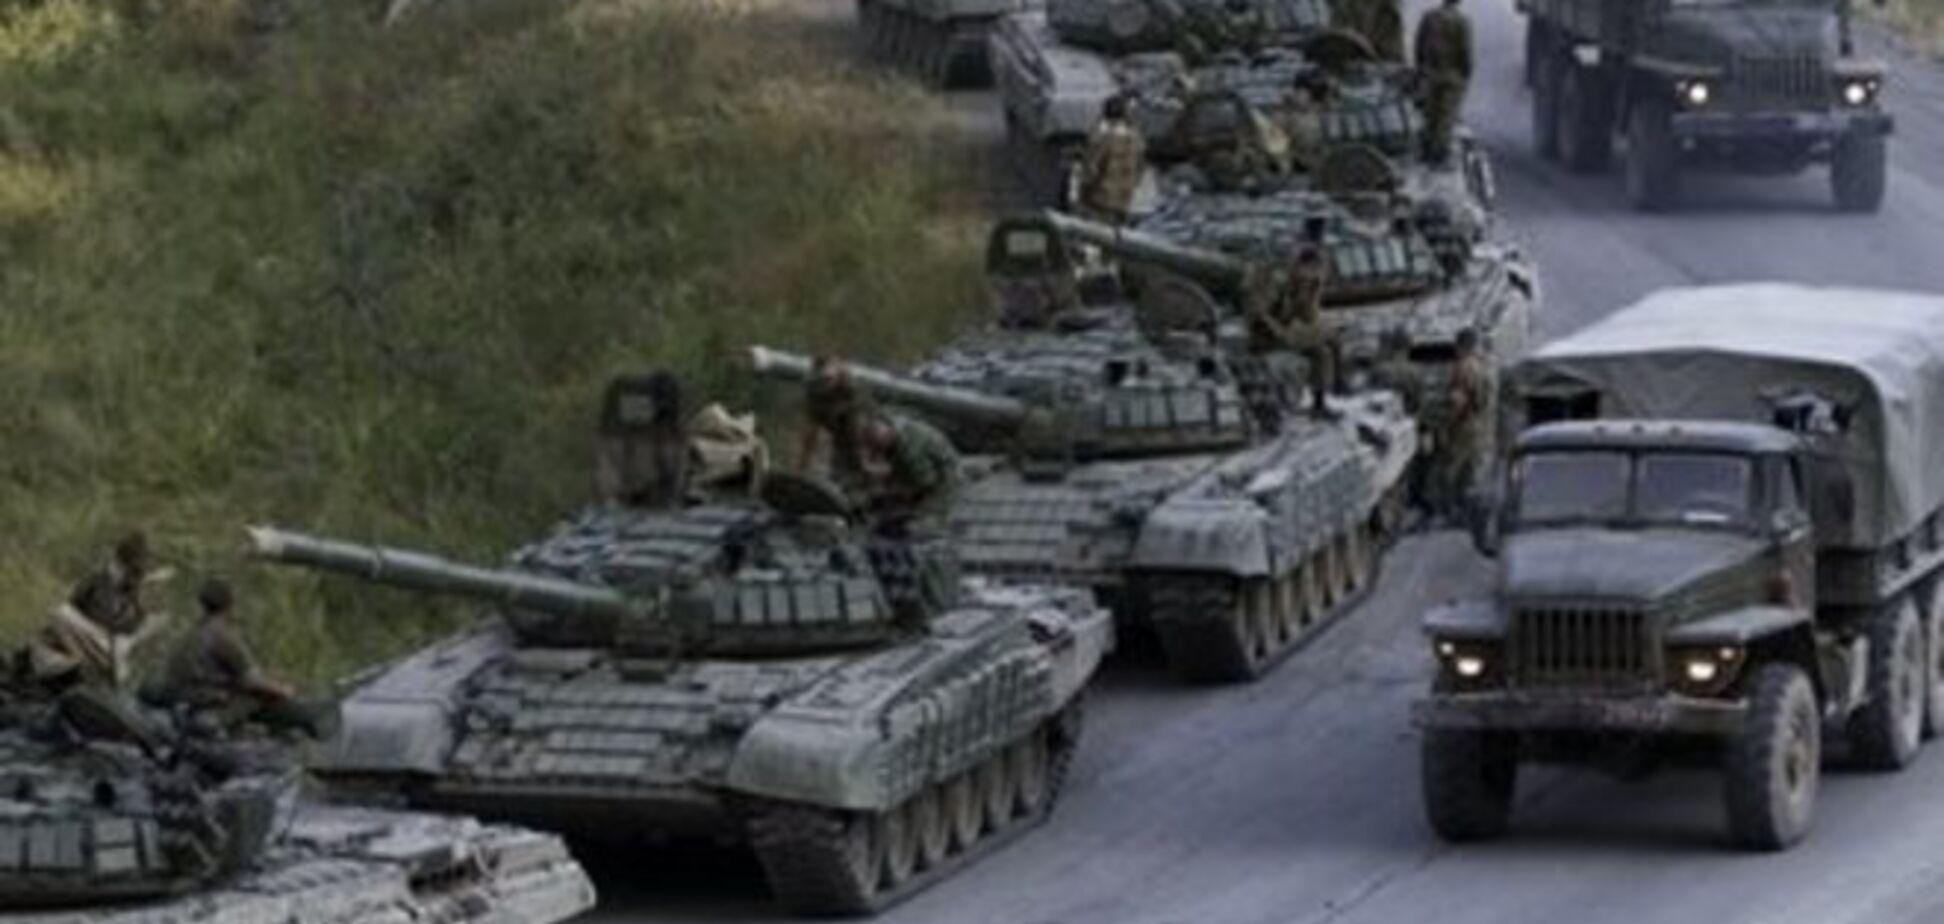 Из России в сторону границы с Украиной движутся колонны военной техники - СМИ